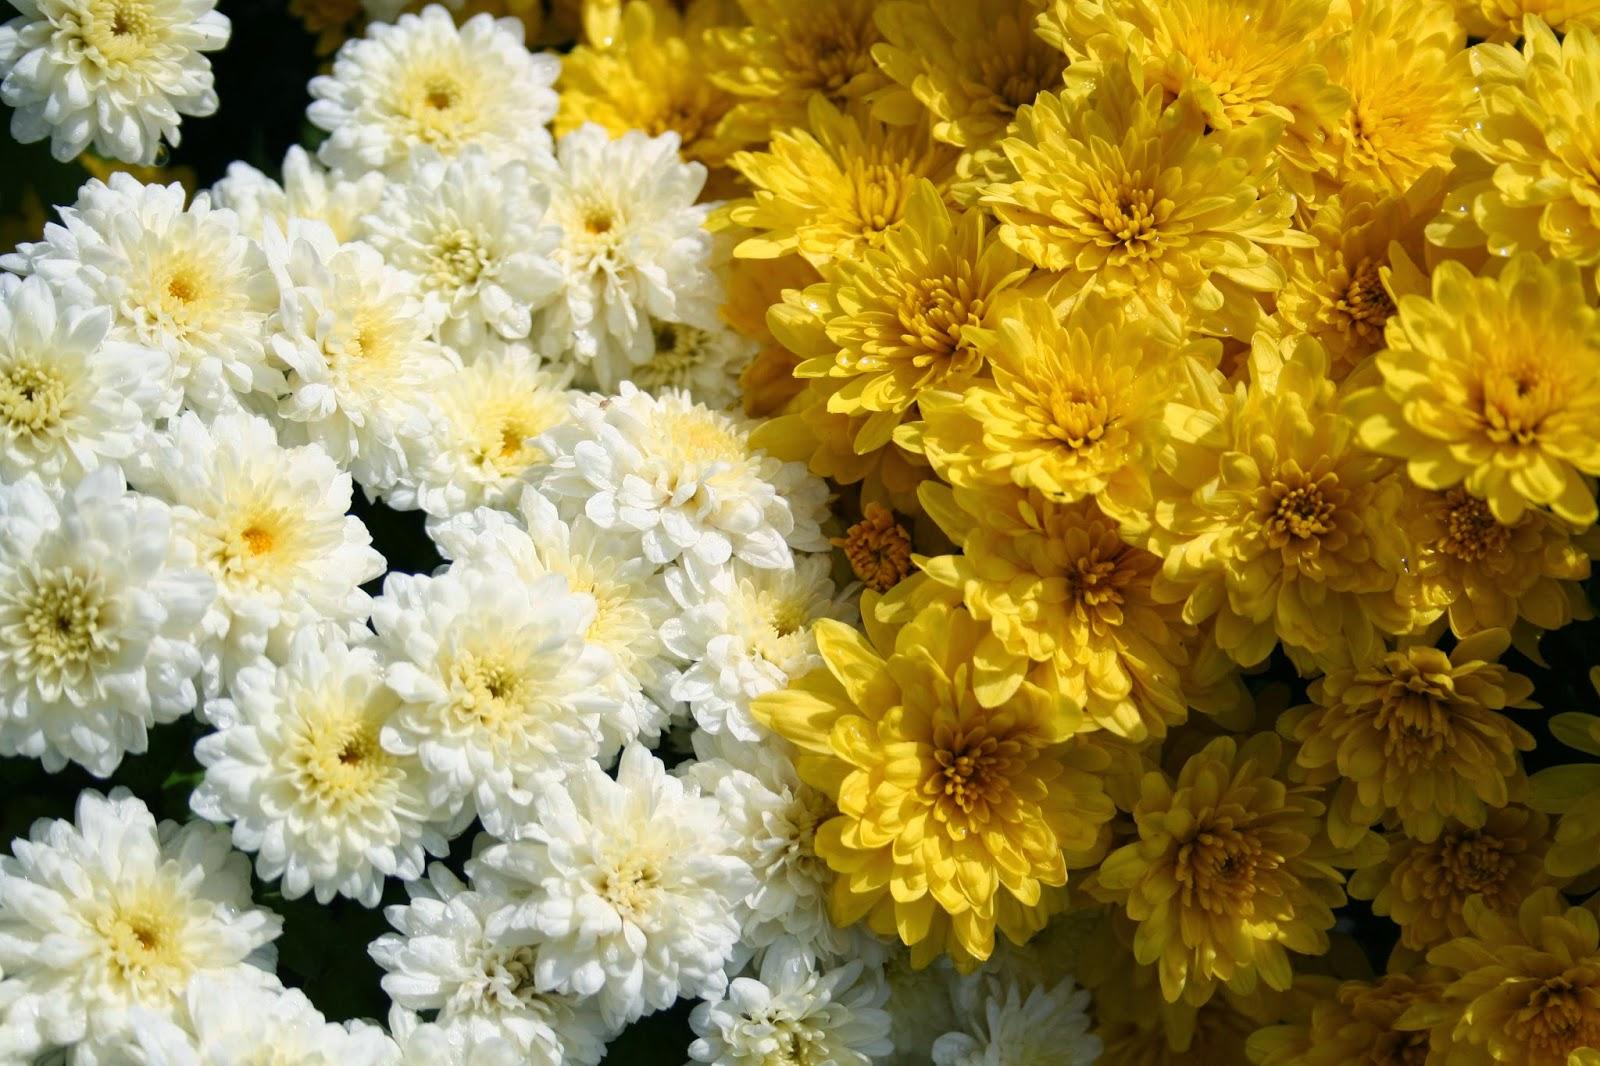 GreenFlex Landscaping Blog Flower of November The Chrysanthemum for Fall